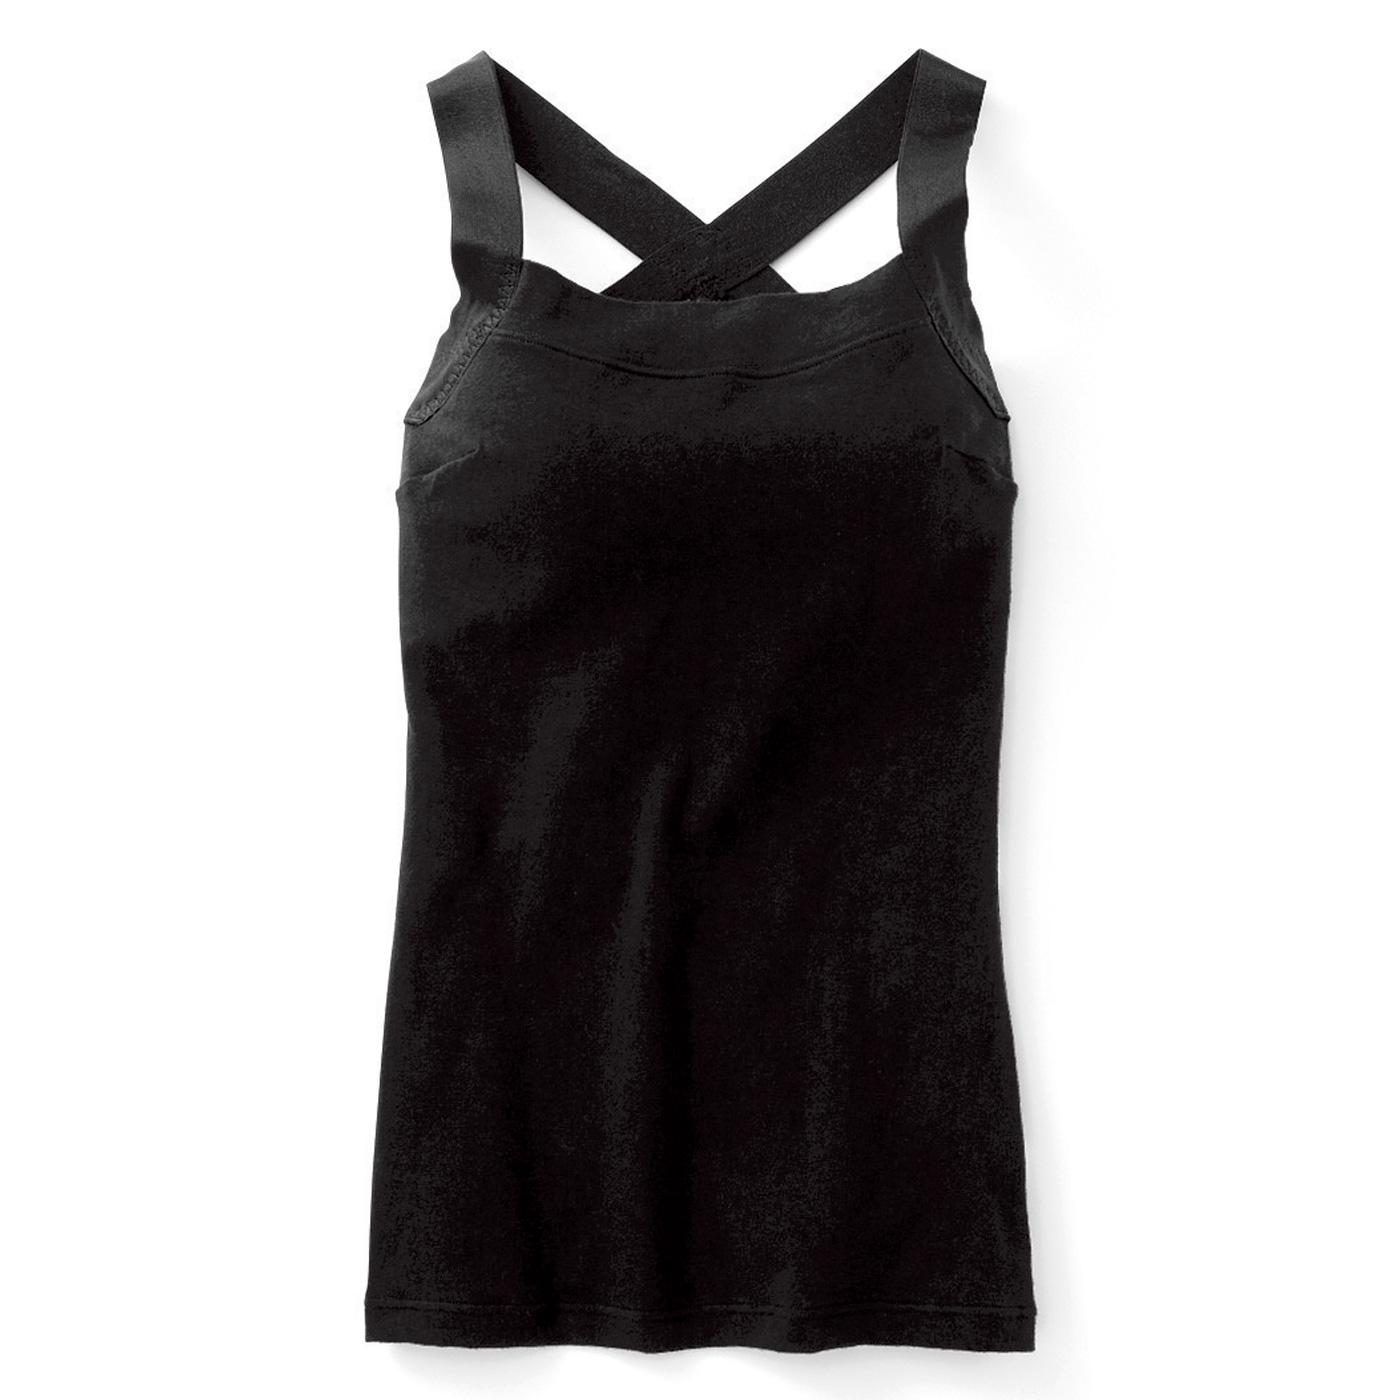 【正面】姿勢も胸も、より上向きに整えるこだわりのわきダーツ。